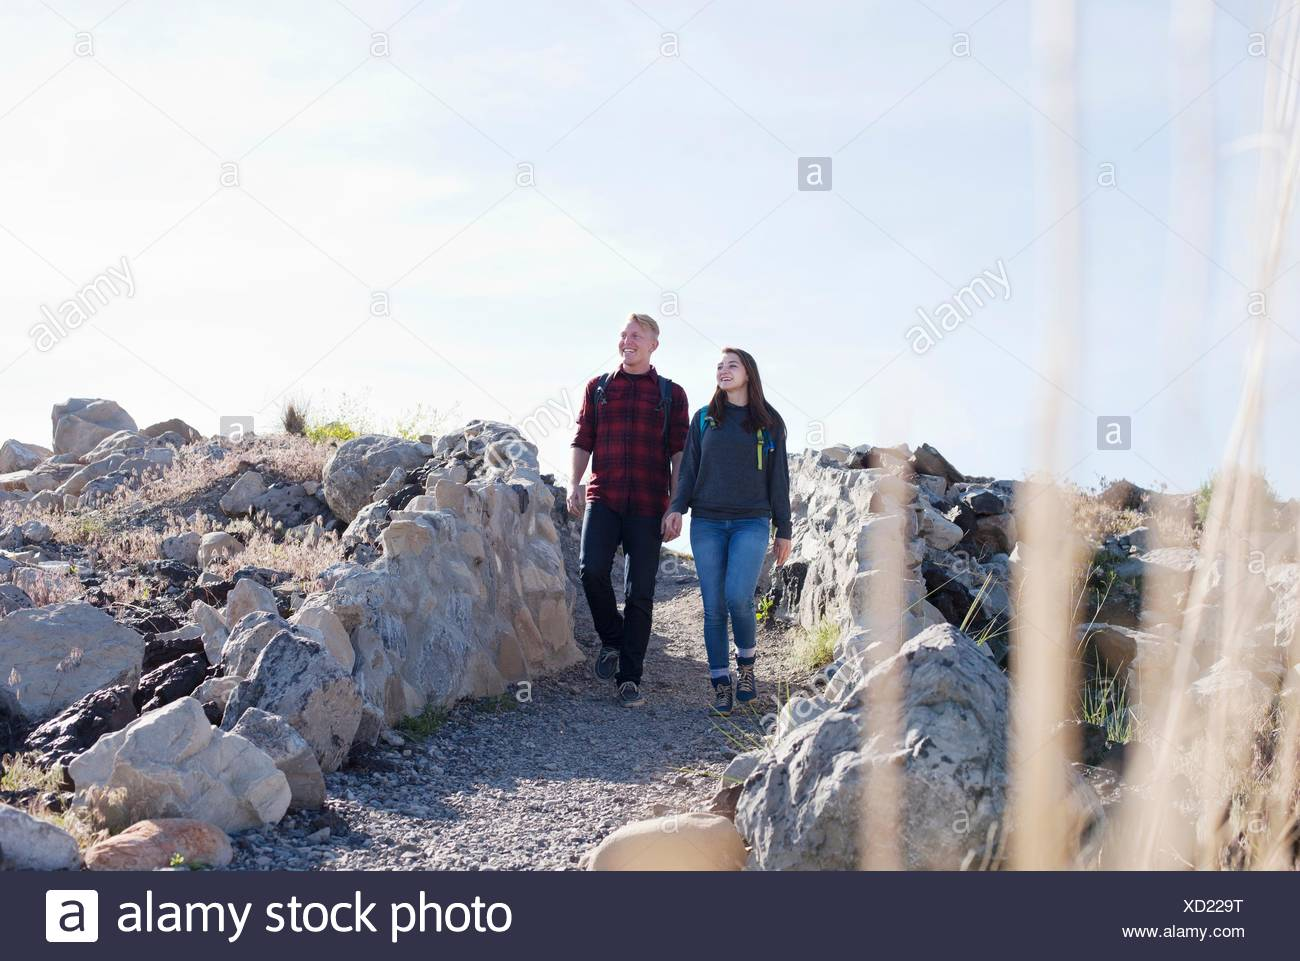 Vista frontal de la longitud completa de la joven pareja tomados de la mano caminando, mirando lejos Imagen De Stock